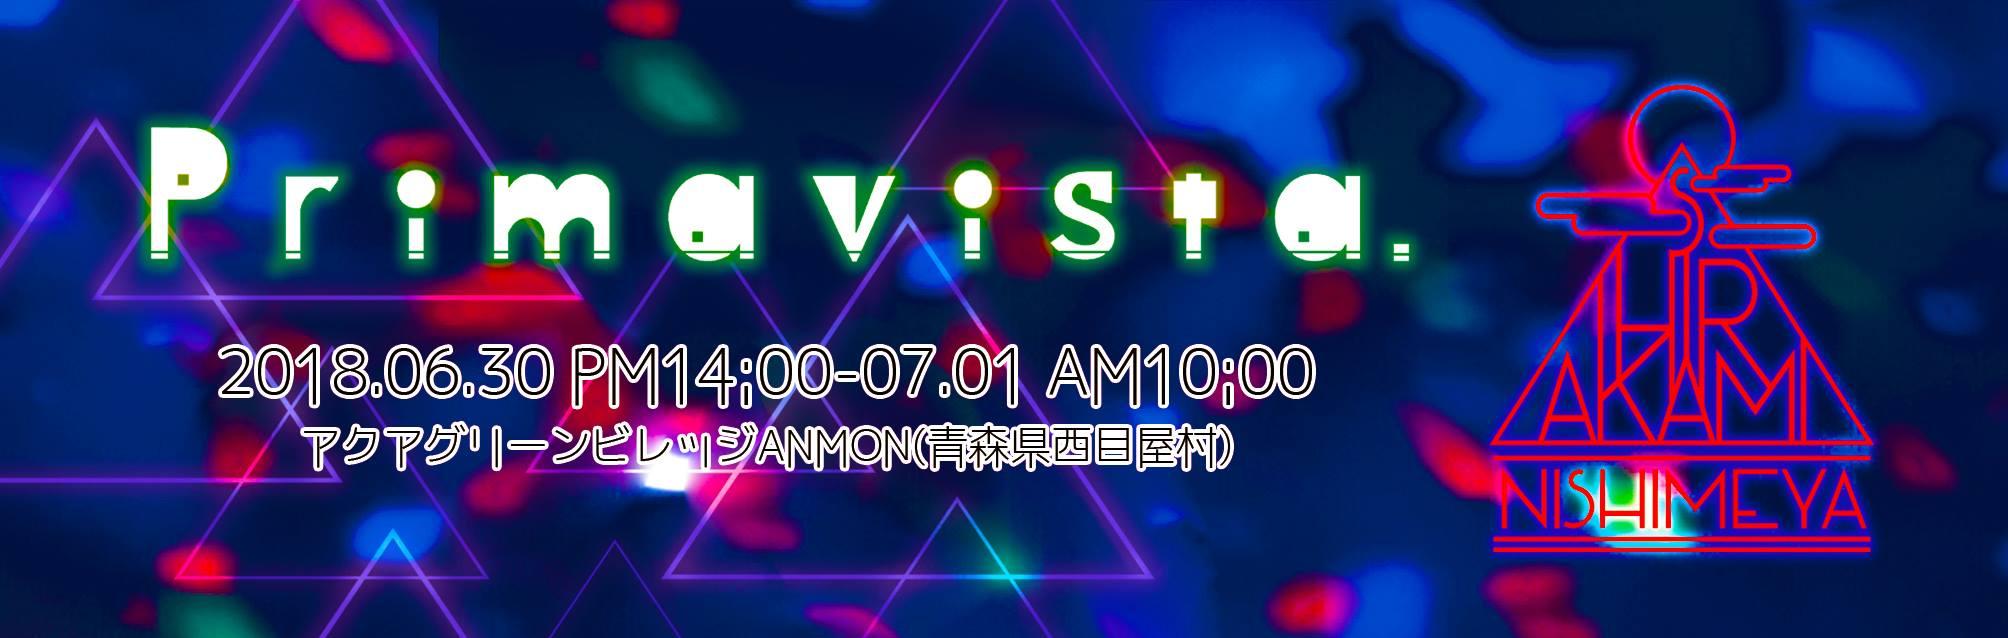 Primavista_SHIRAKAMIチケット販売開始のお知らせ(6/12更新)